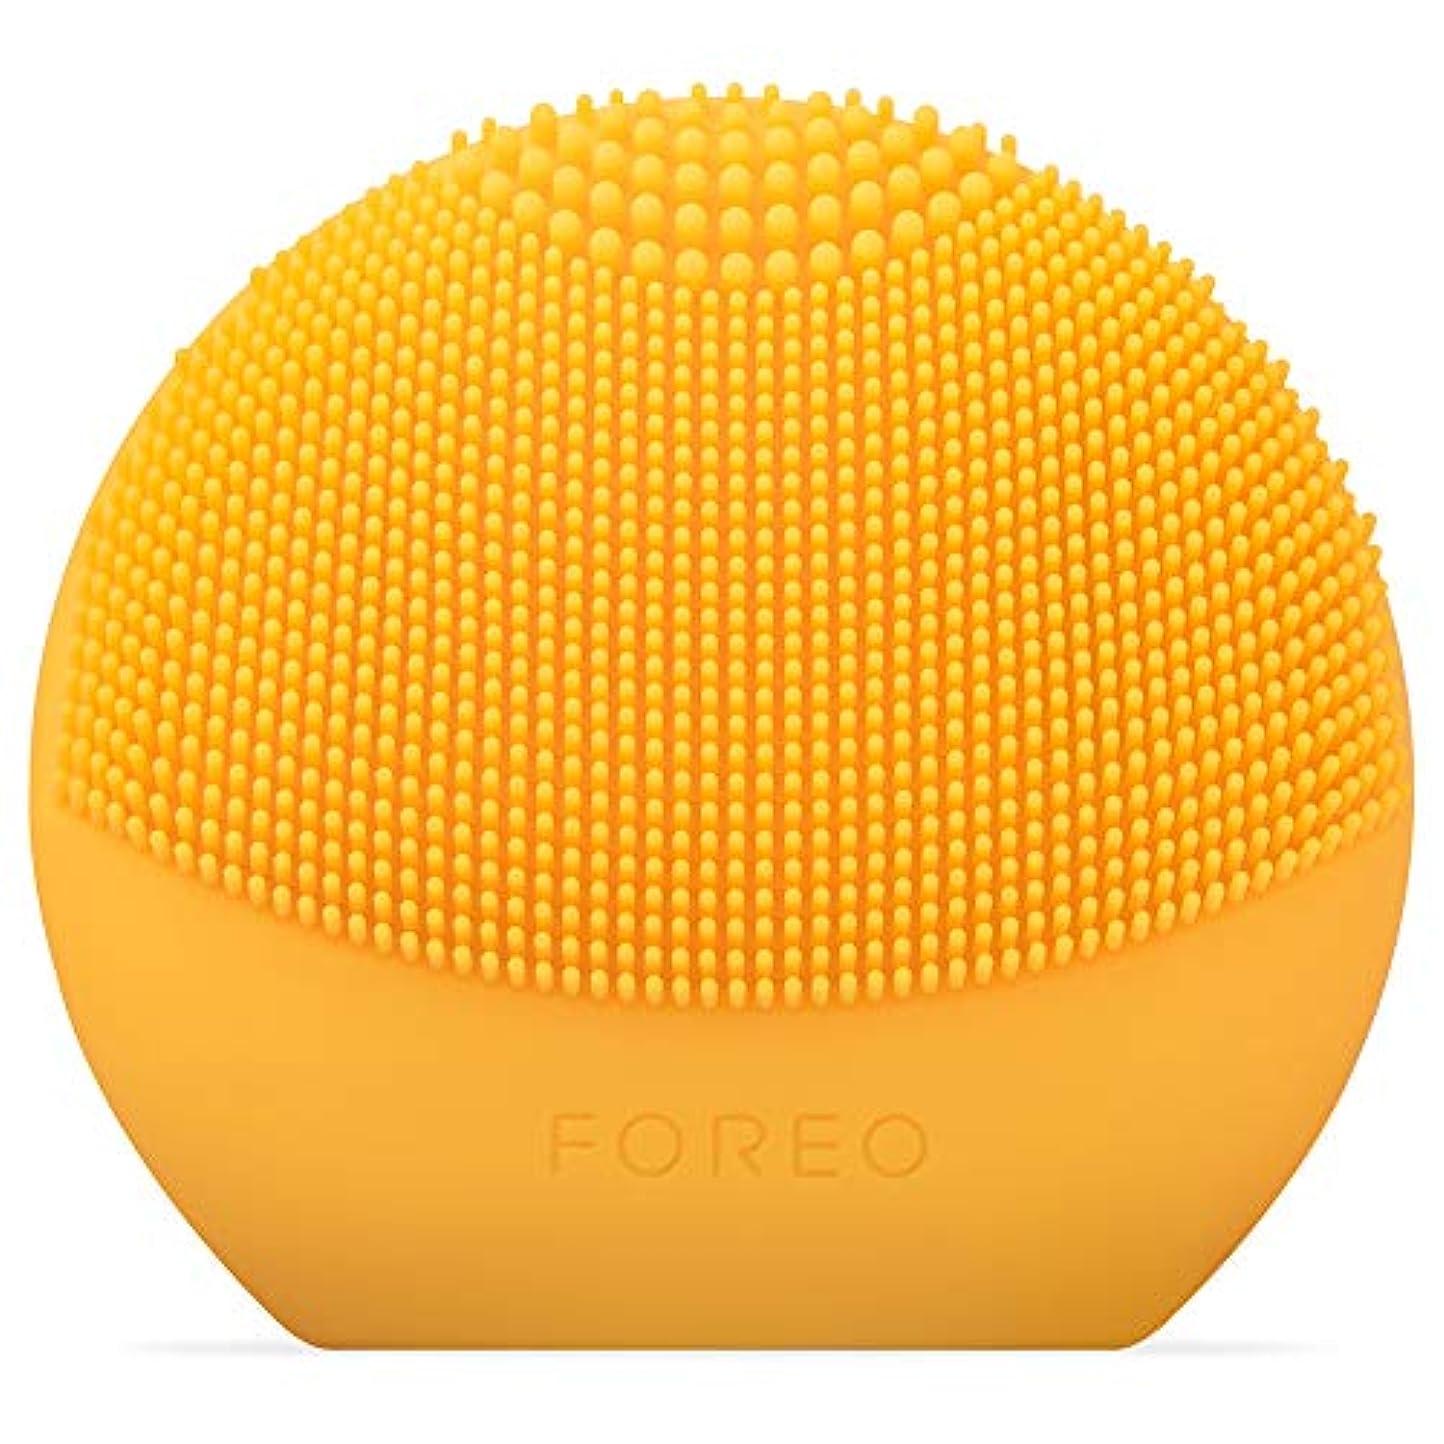 社会学花貧しいFOREO LUNA fofo サンフラワーイエロー スマートクレンジングデバイス 電動洗顔ブラシ シリコーン製